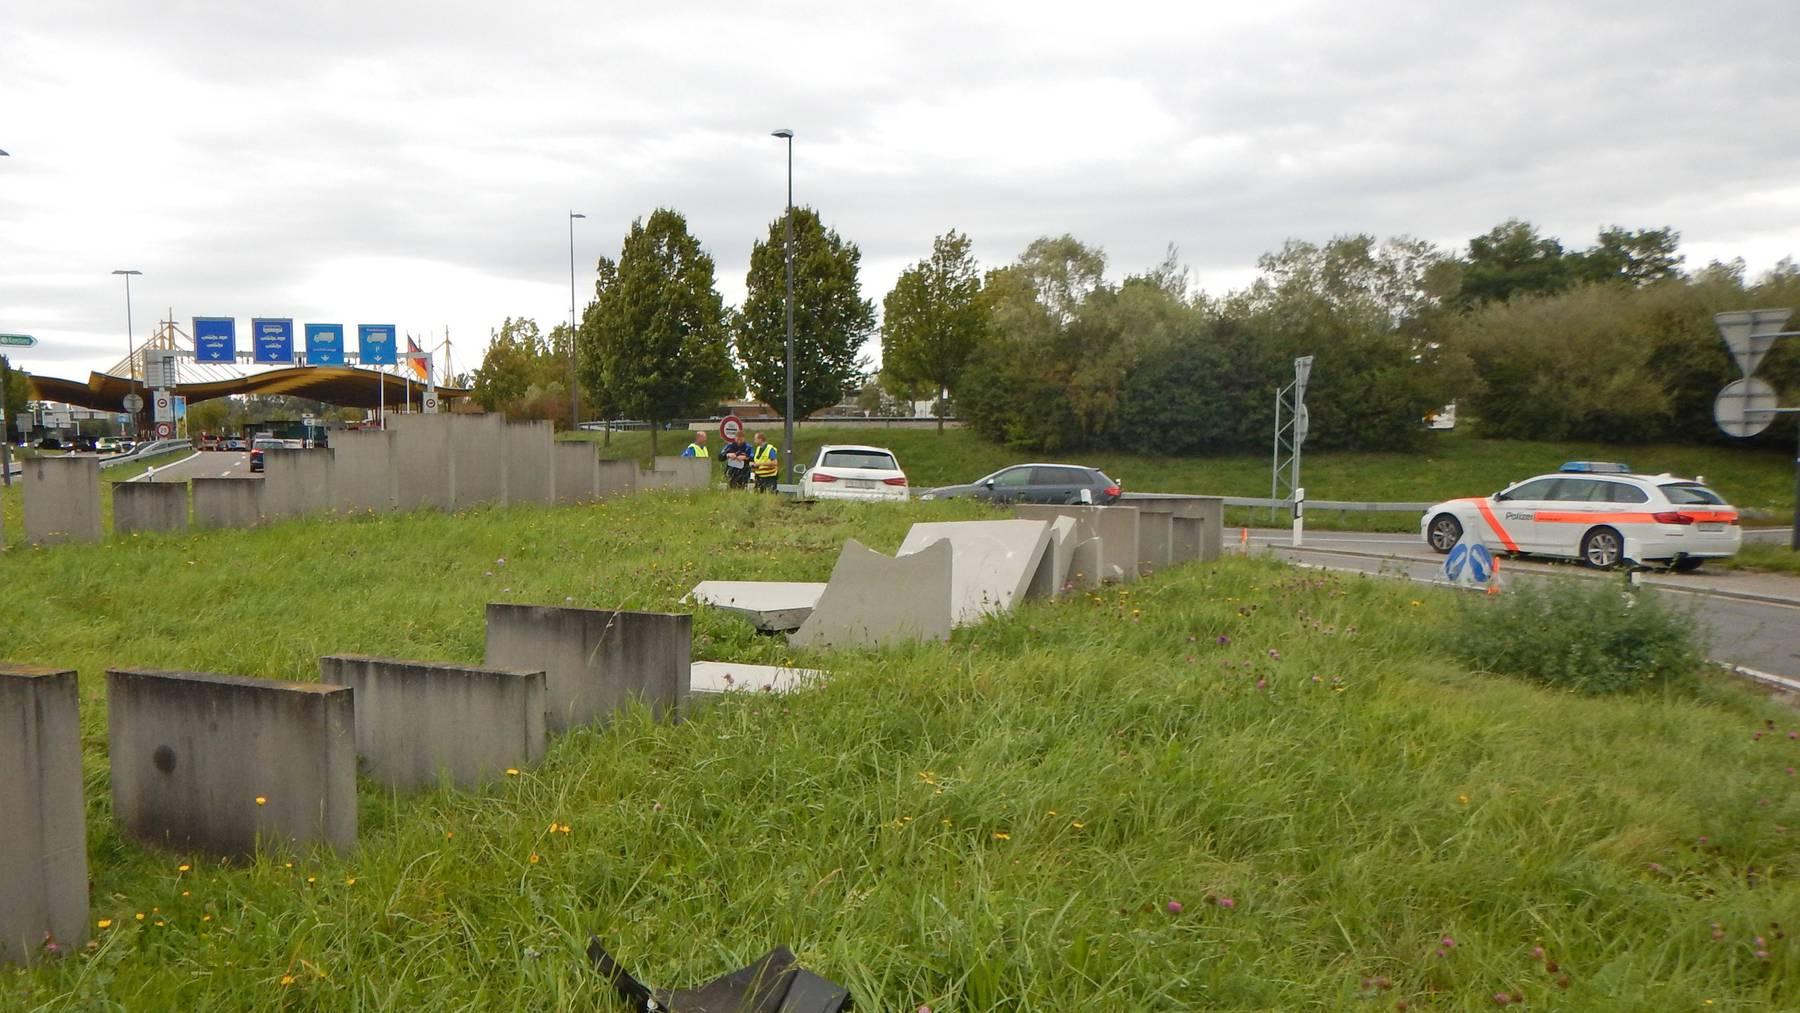 Ein 76-jähriger Autofahrer durchquerte den Kreisel in Kreuzlingen auf direktem Weg.